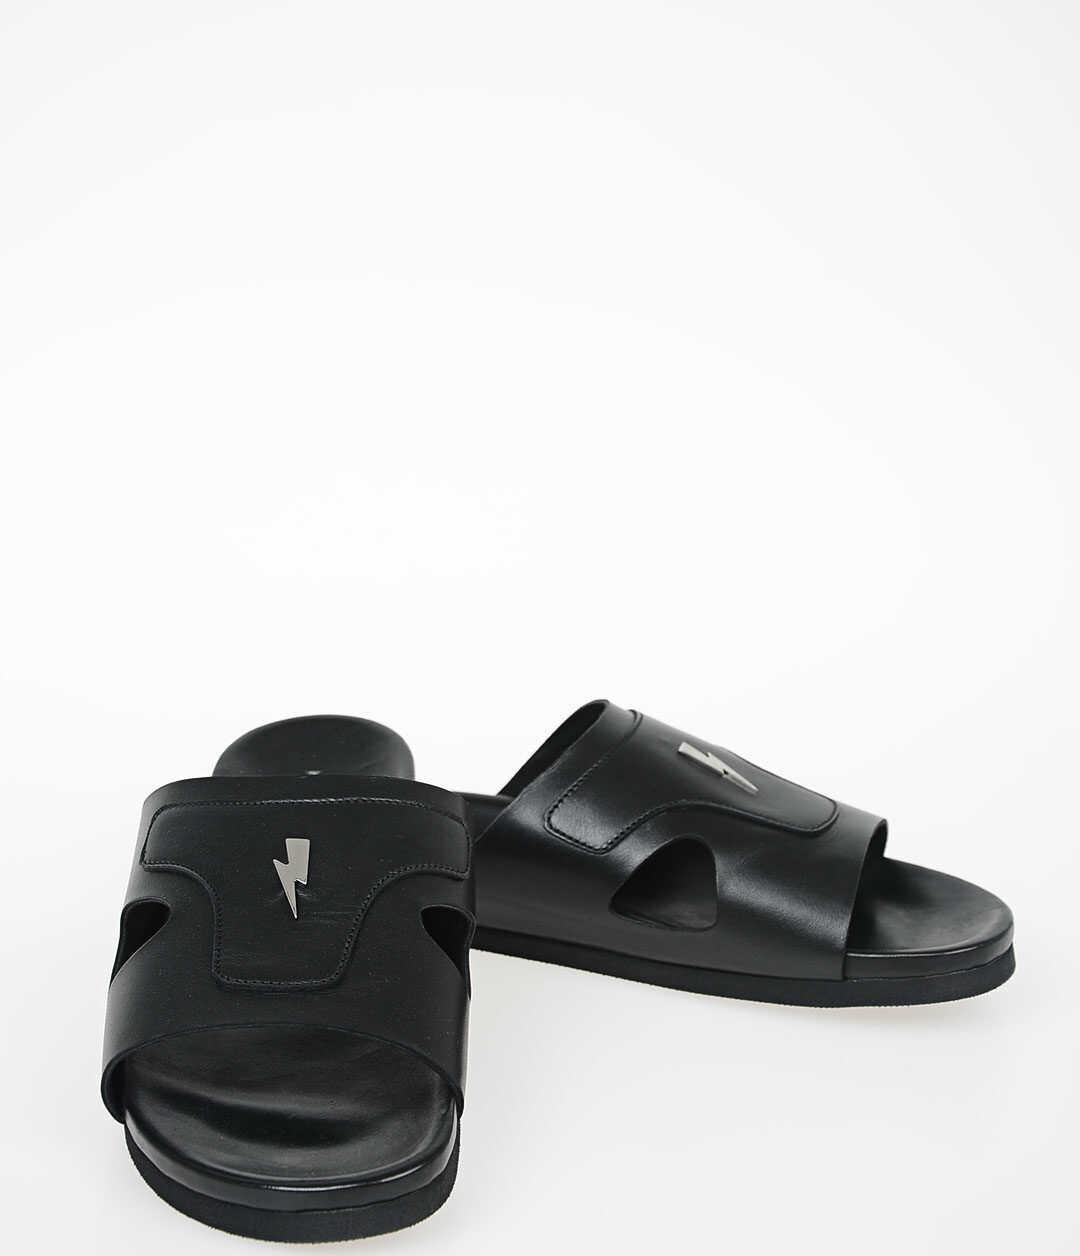 Neil Barrett Leather and Rubber THUNDERBOLT Slider BLACK